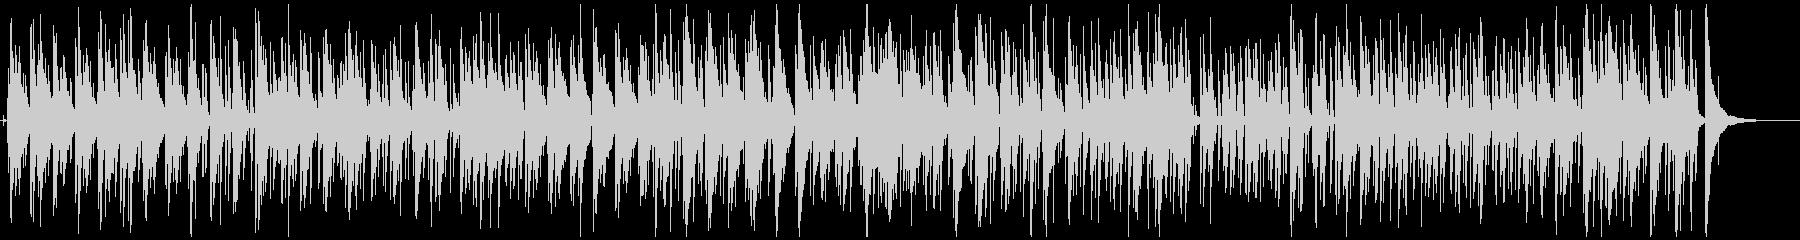 カフェ-ディナーくつろぎのジャズの未再生の波形